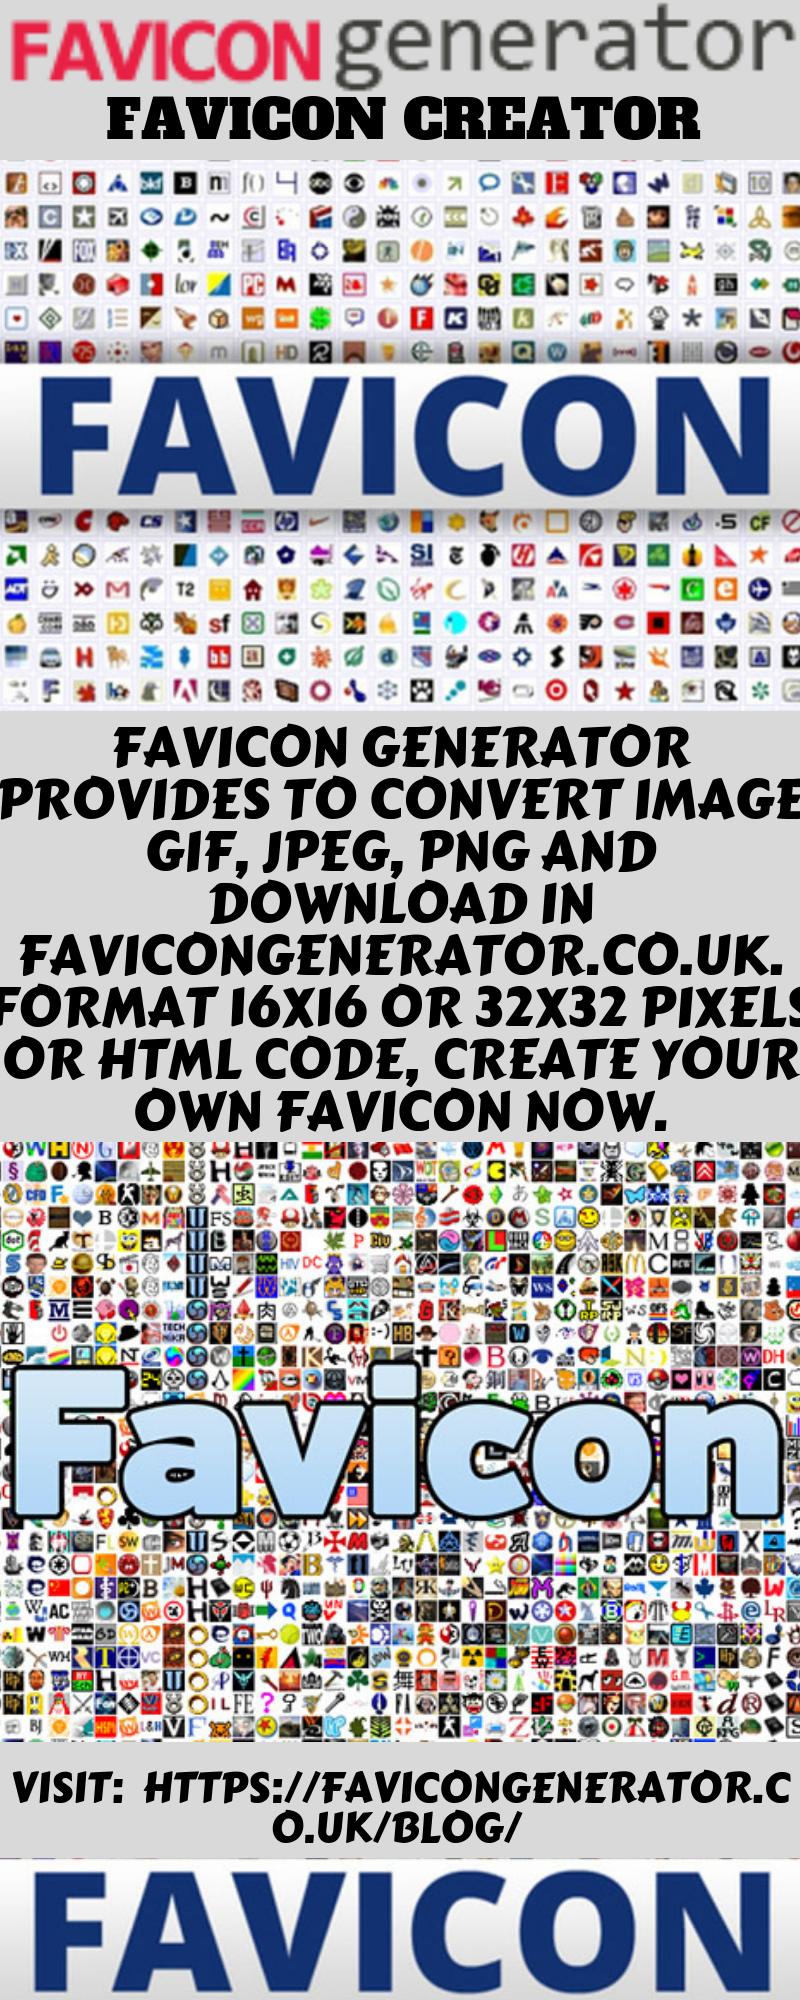 Favicon creator Favicon generator provides to convert